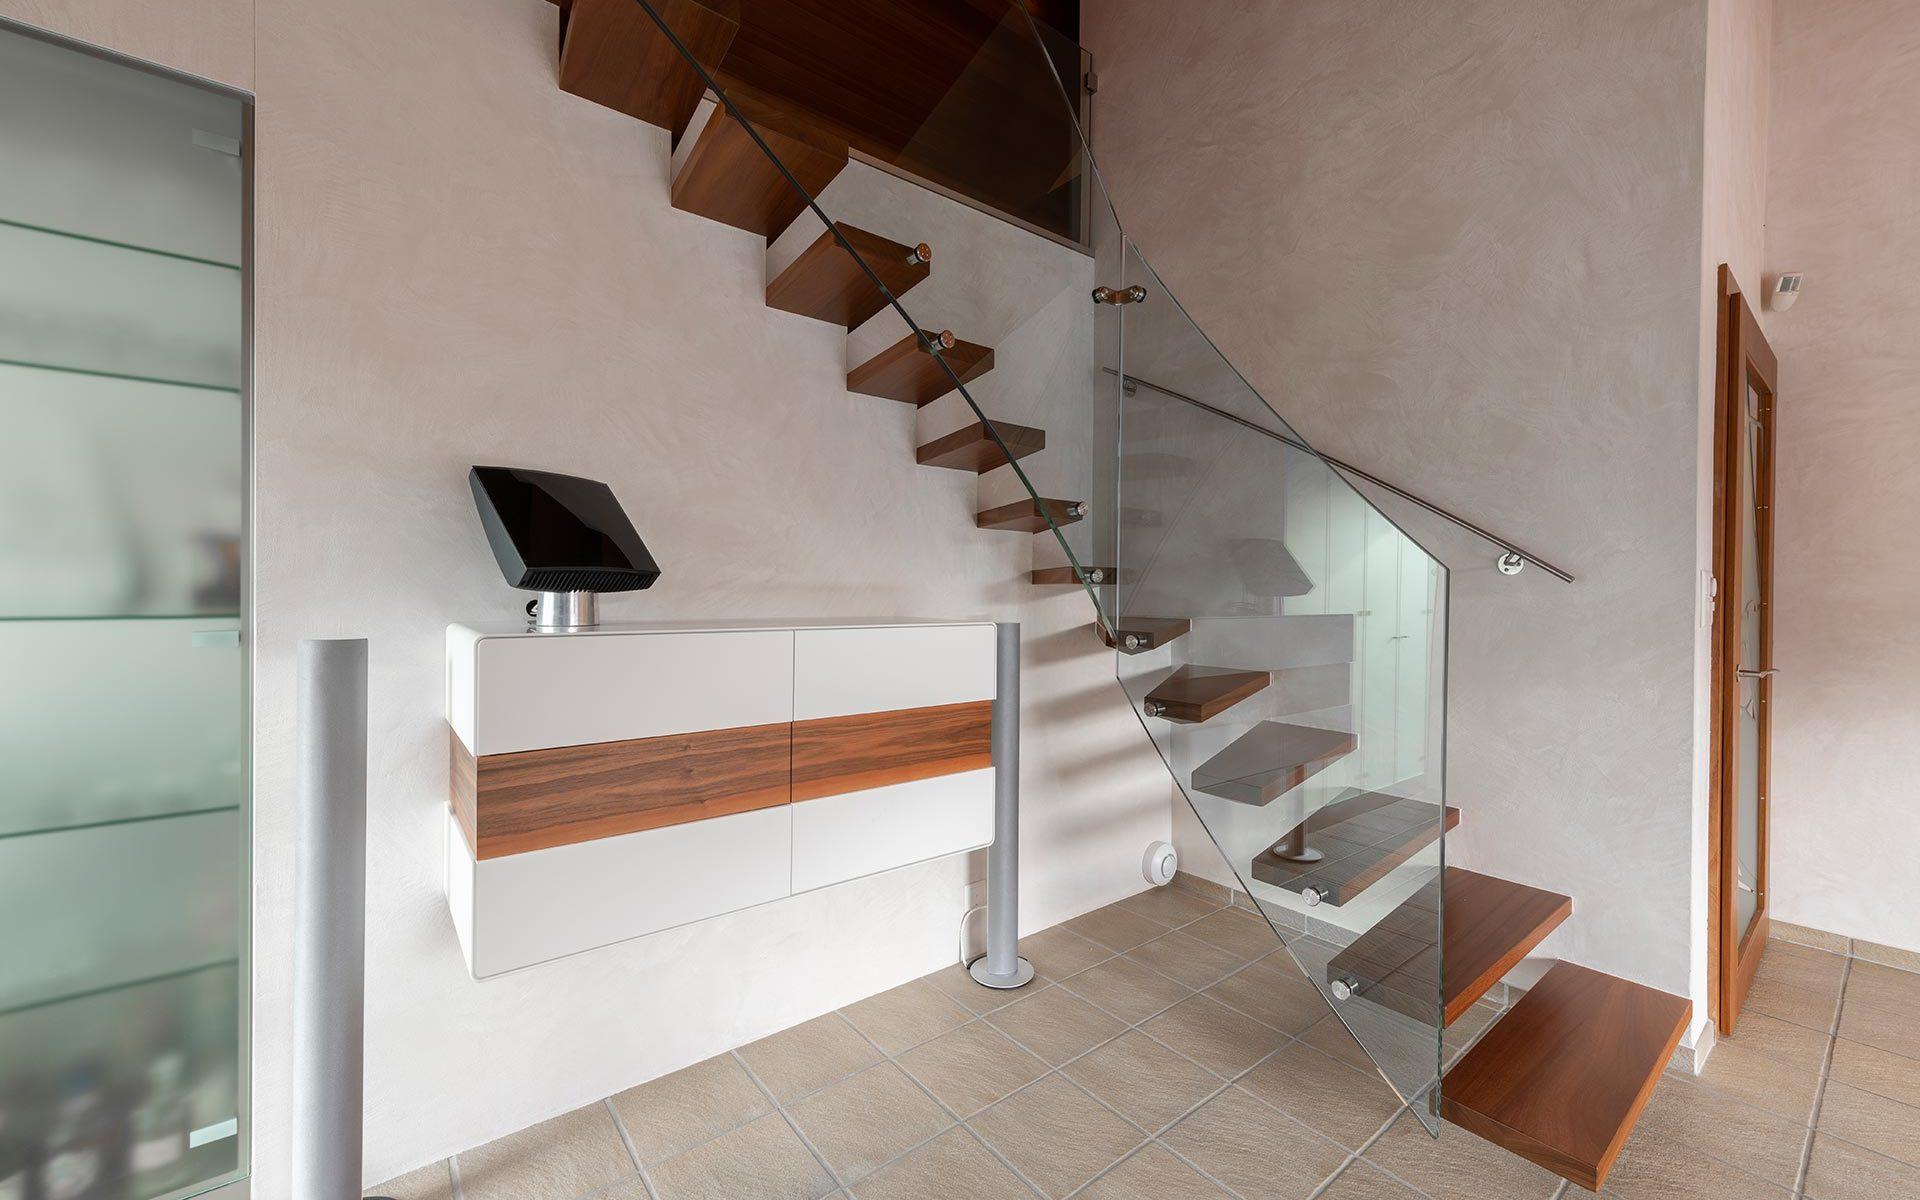 escalier_meuble